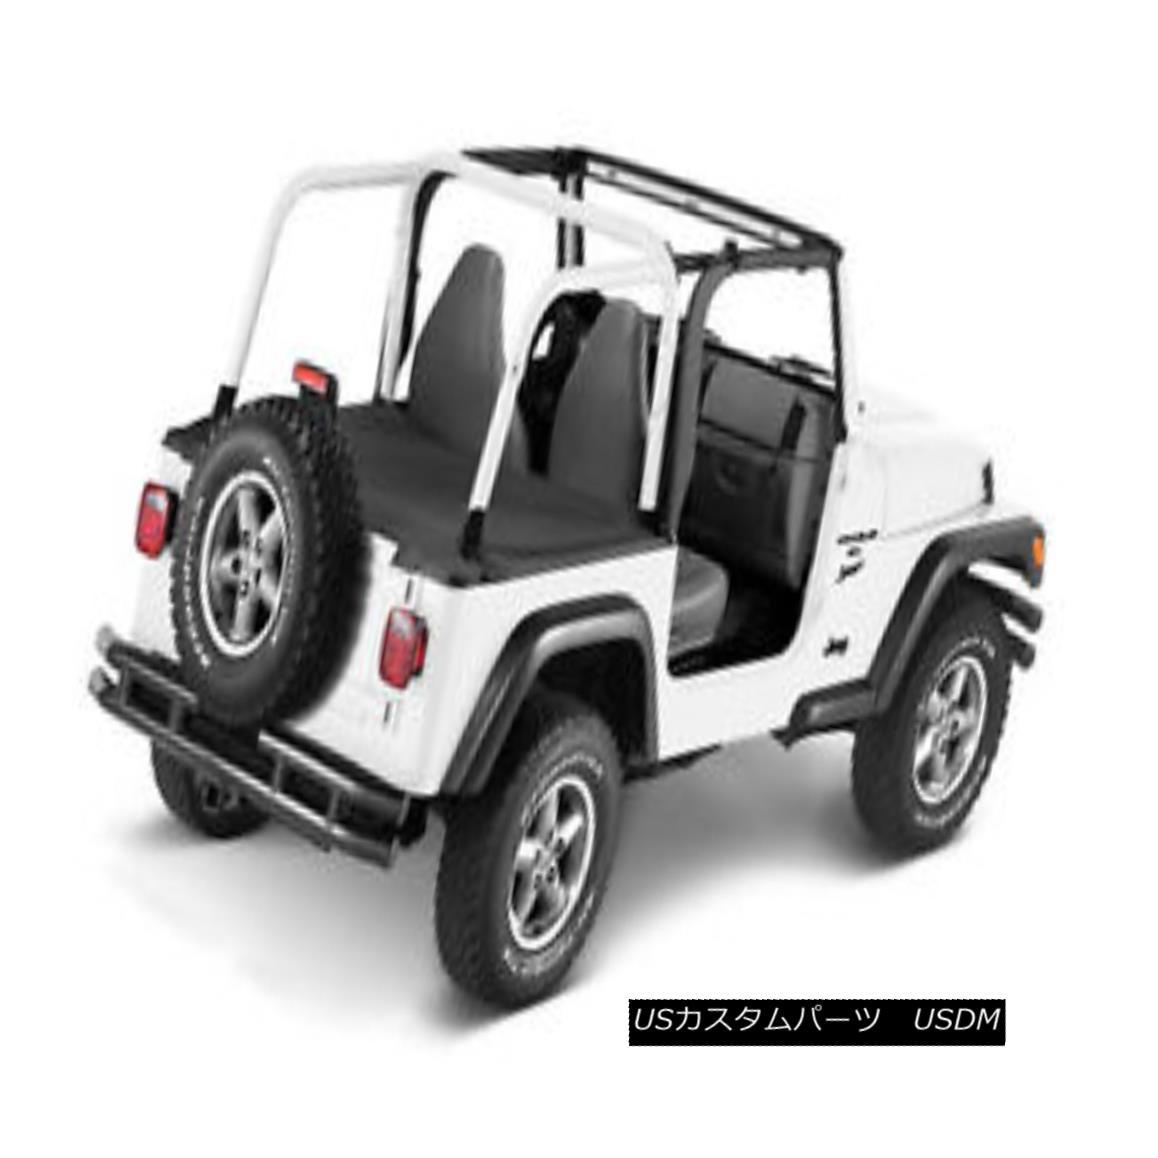 幌・ソフトトップ Bestop Duster Deck Cover 92-95 Jeep Wrangler YJ Black Denim w/ Factory Soft Top ベストセラーダスターデッキカバー92-95ジープラングラーYJブラックデニムファクトリーソフトトップ